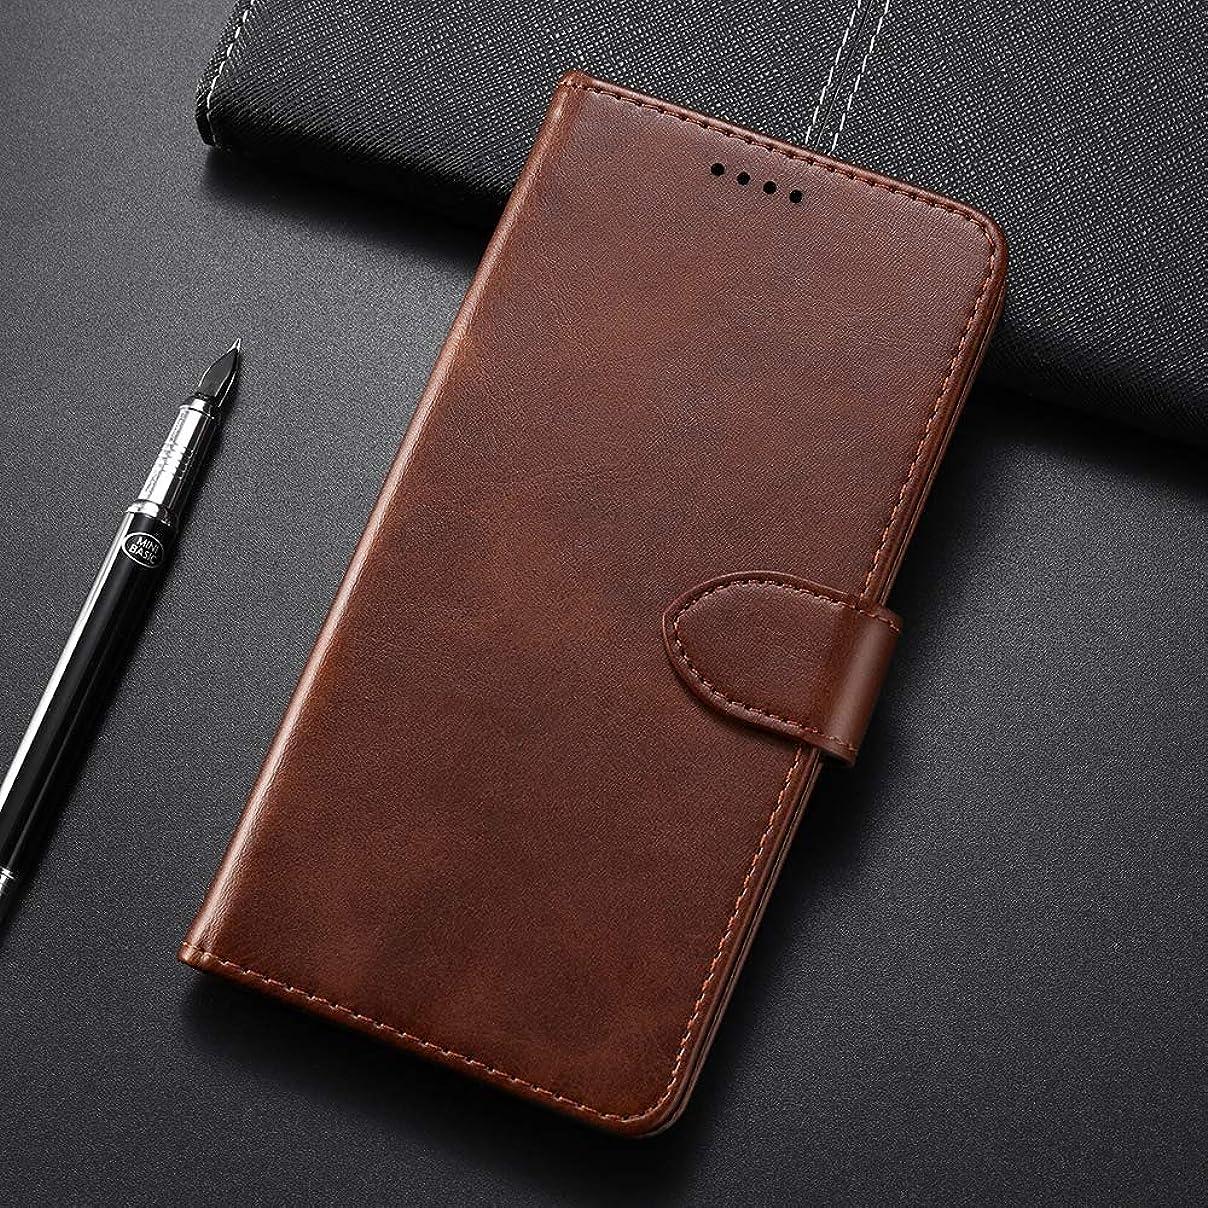 静かなノーブル放出ホルダー&カードスロット&財布と小米科技ミ8 Proのカーフテクスチャ水平フリップレザーケースのための携帯電話ケース、 brand:TONWIN (Color : Brown)